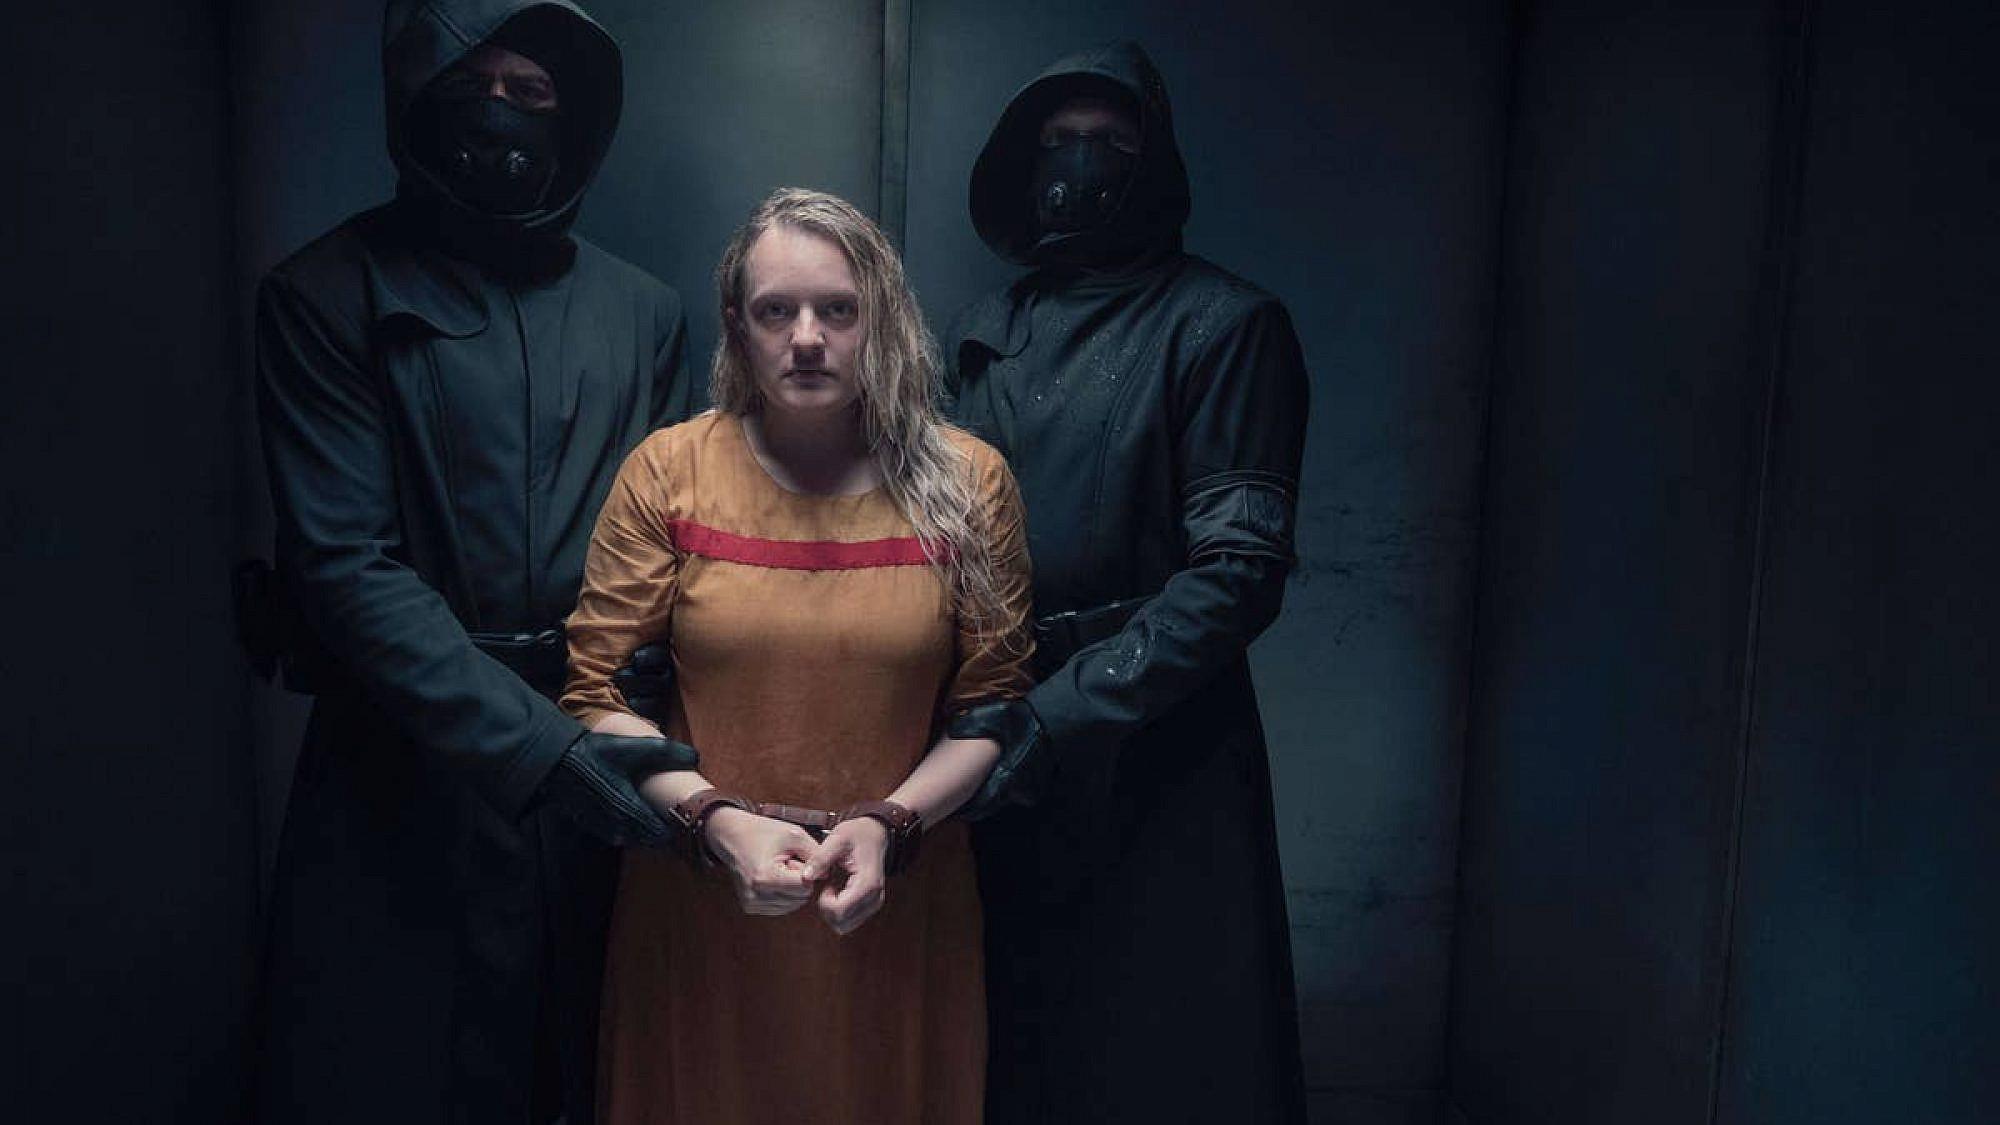 """מיתולוגיזציה שכבר קצת קשה להכיל. אליזבת מוס ב""""סיפורה של שפחה 4"""" (צילום: Hulu)"""